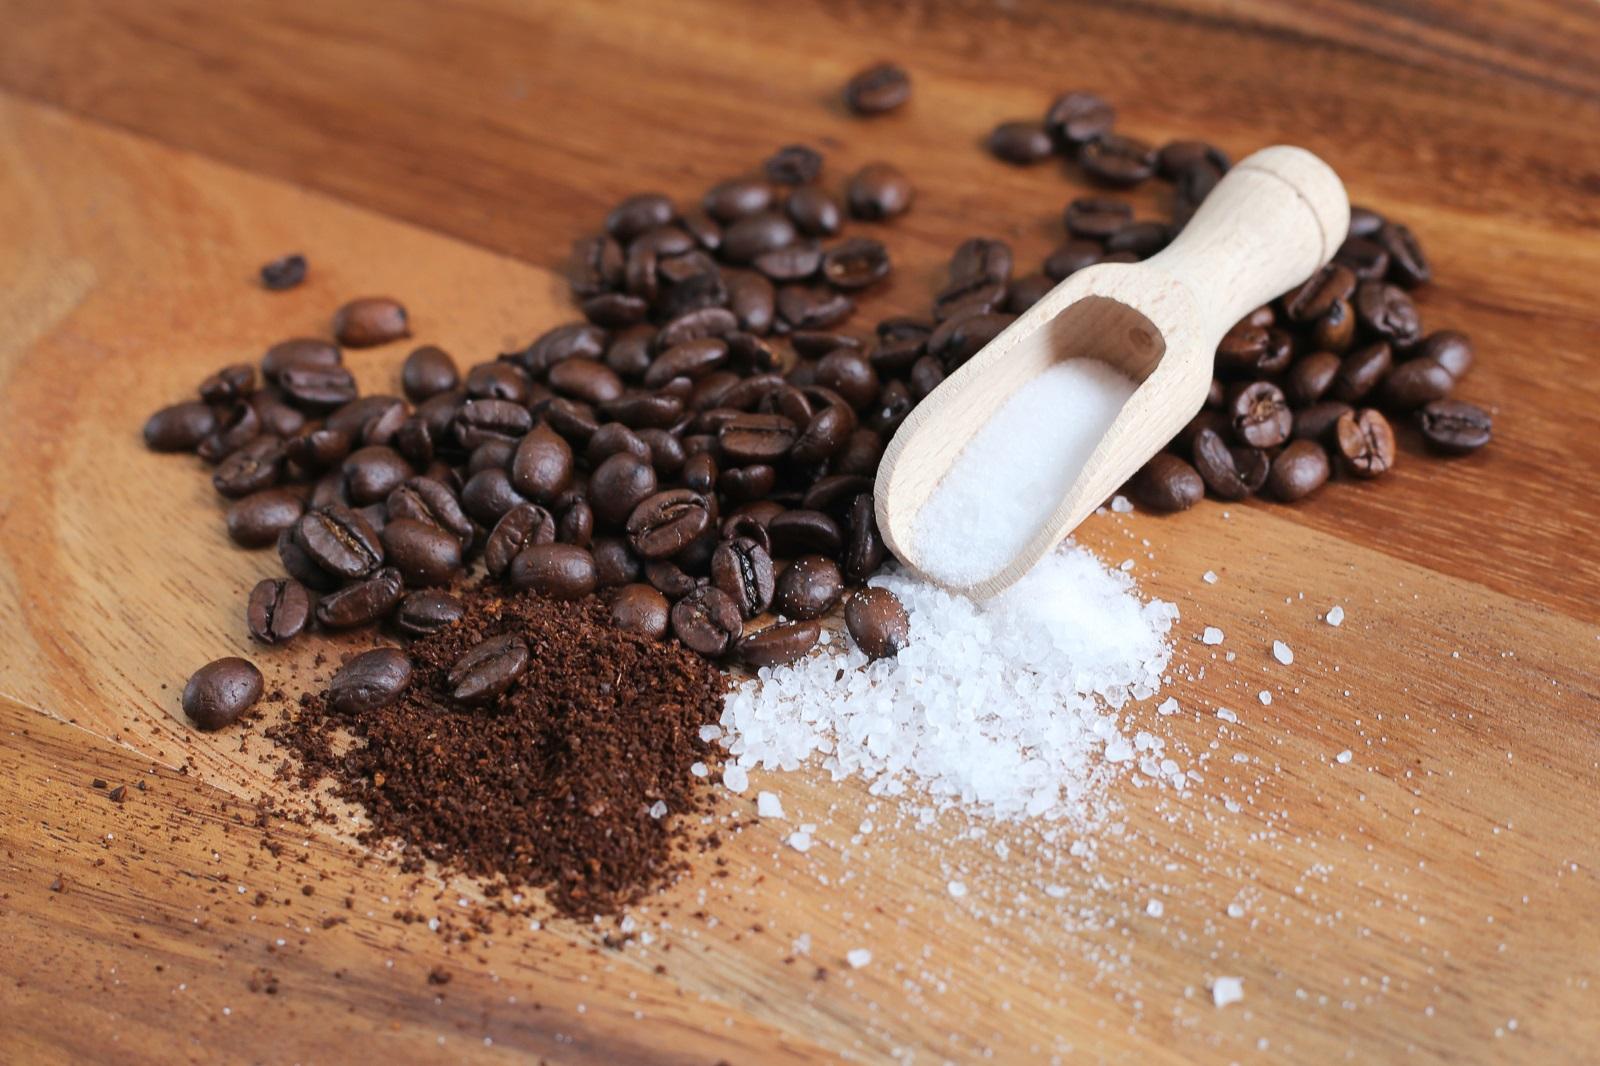 Домашен скраб за тяло<br /> 2 с.л. утайка от кафе, 2 с.л. морска сол, 1 с.л. масло от авокадо и 1 с.л. зехтин се смесват добре и с получената смес масажирате кожата под душа.